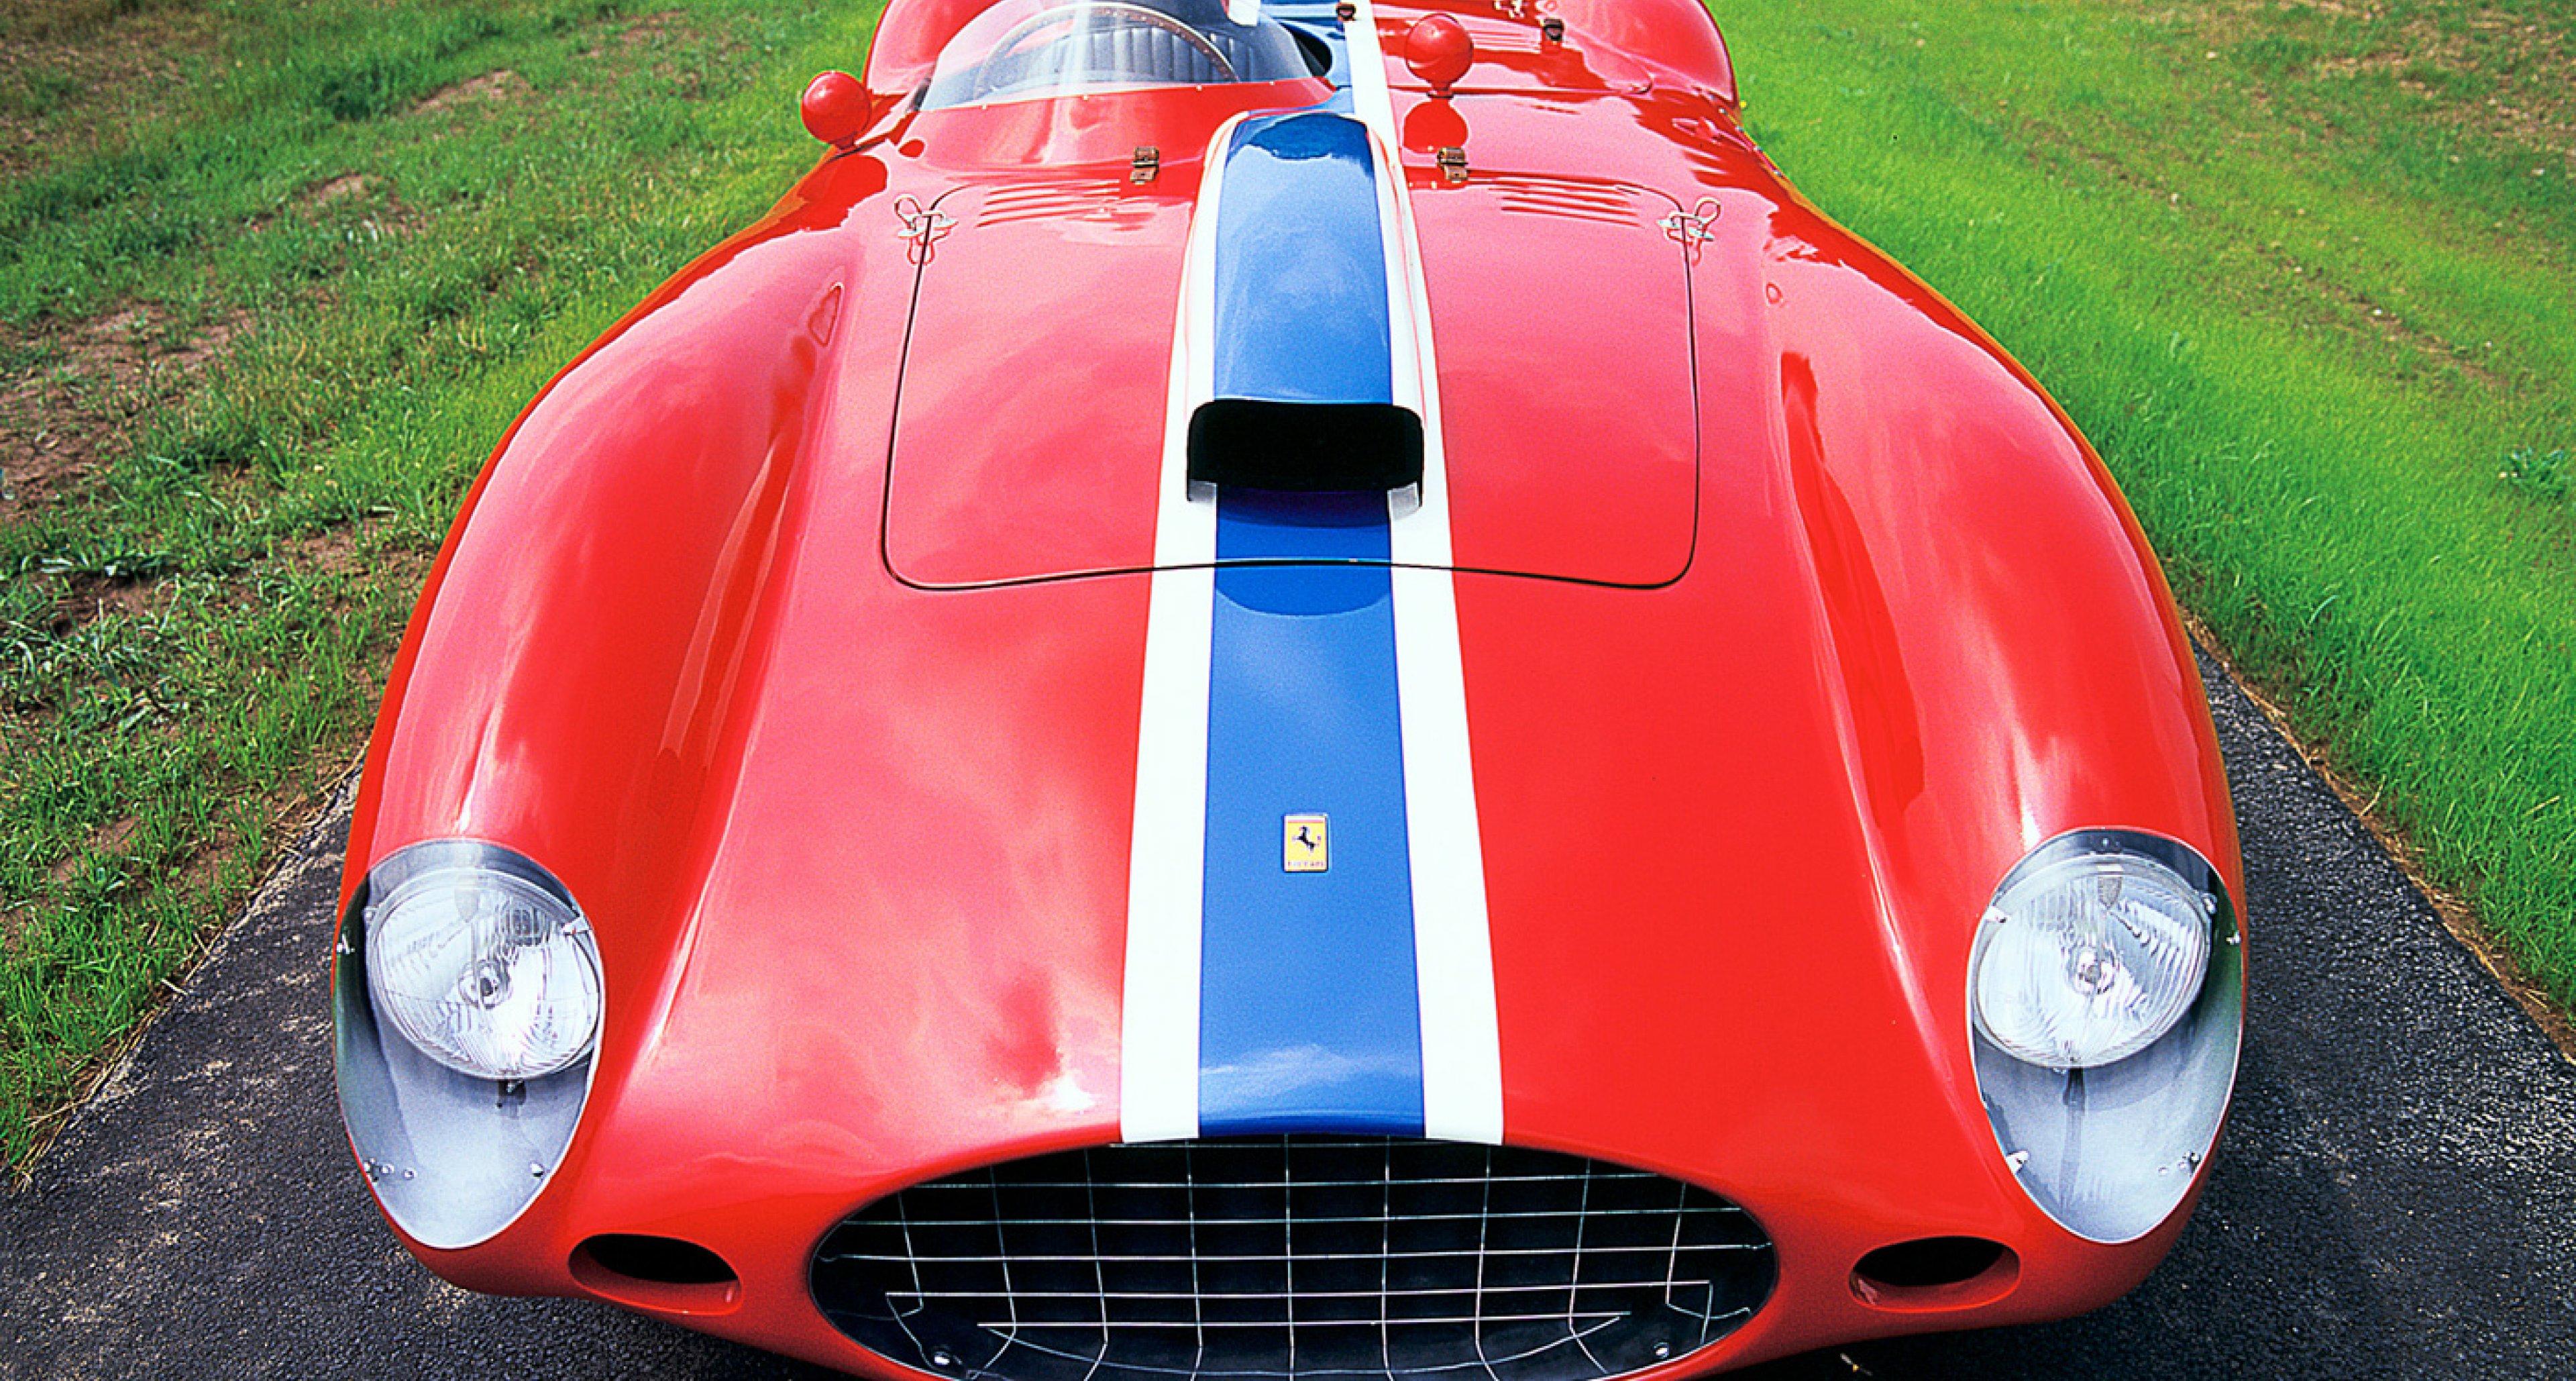 1955 Ferrari 410 Sport - Rick Cole Auctions 2014, Monterey